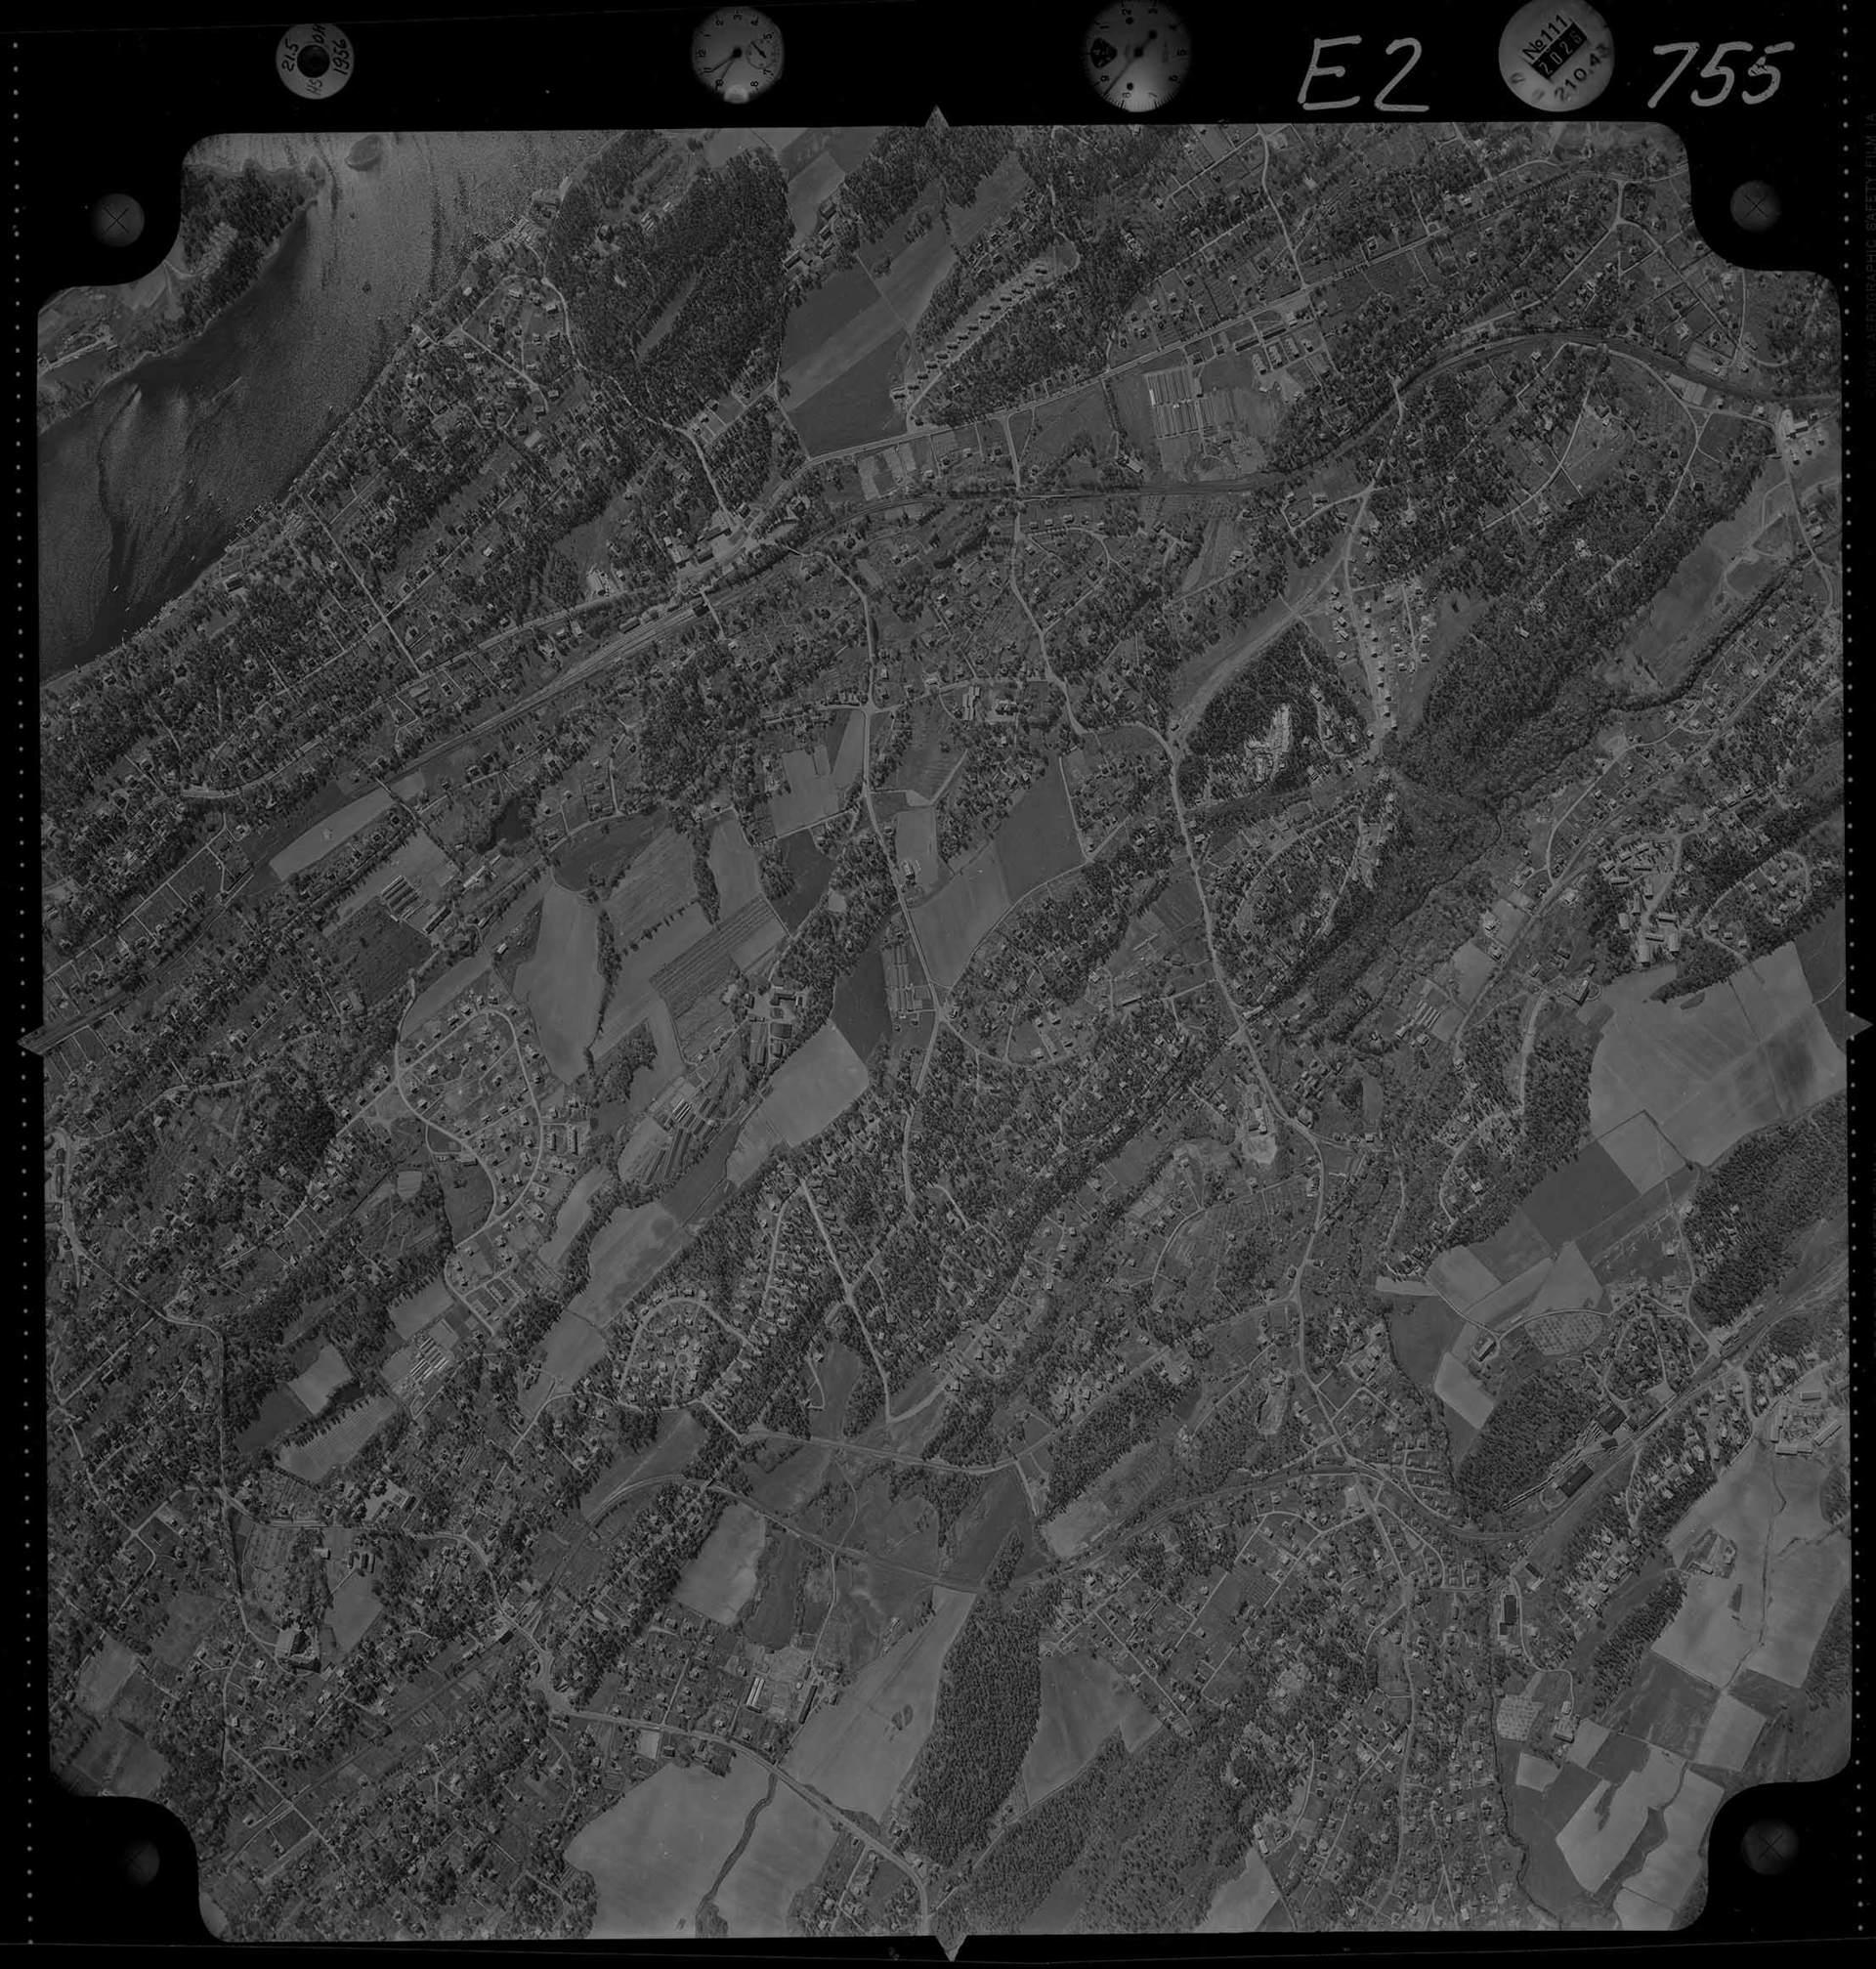 WF-0755_E-02-hurtigvisning.jpg